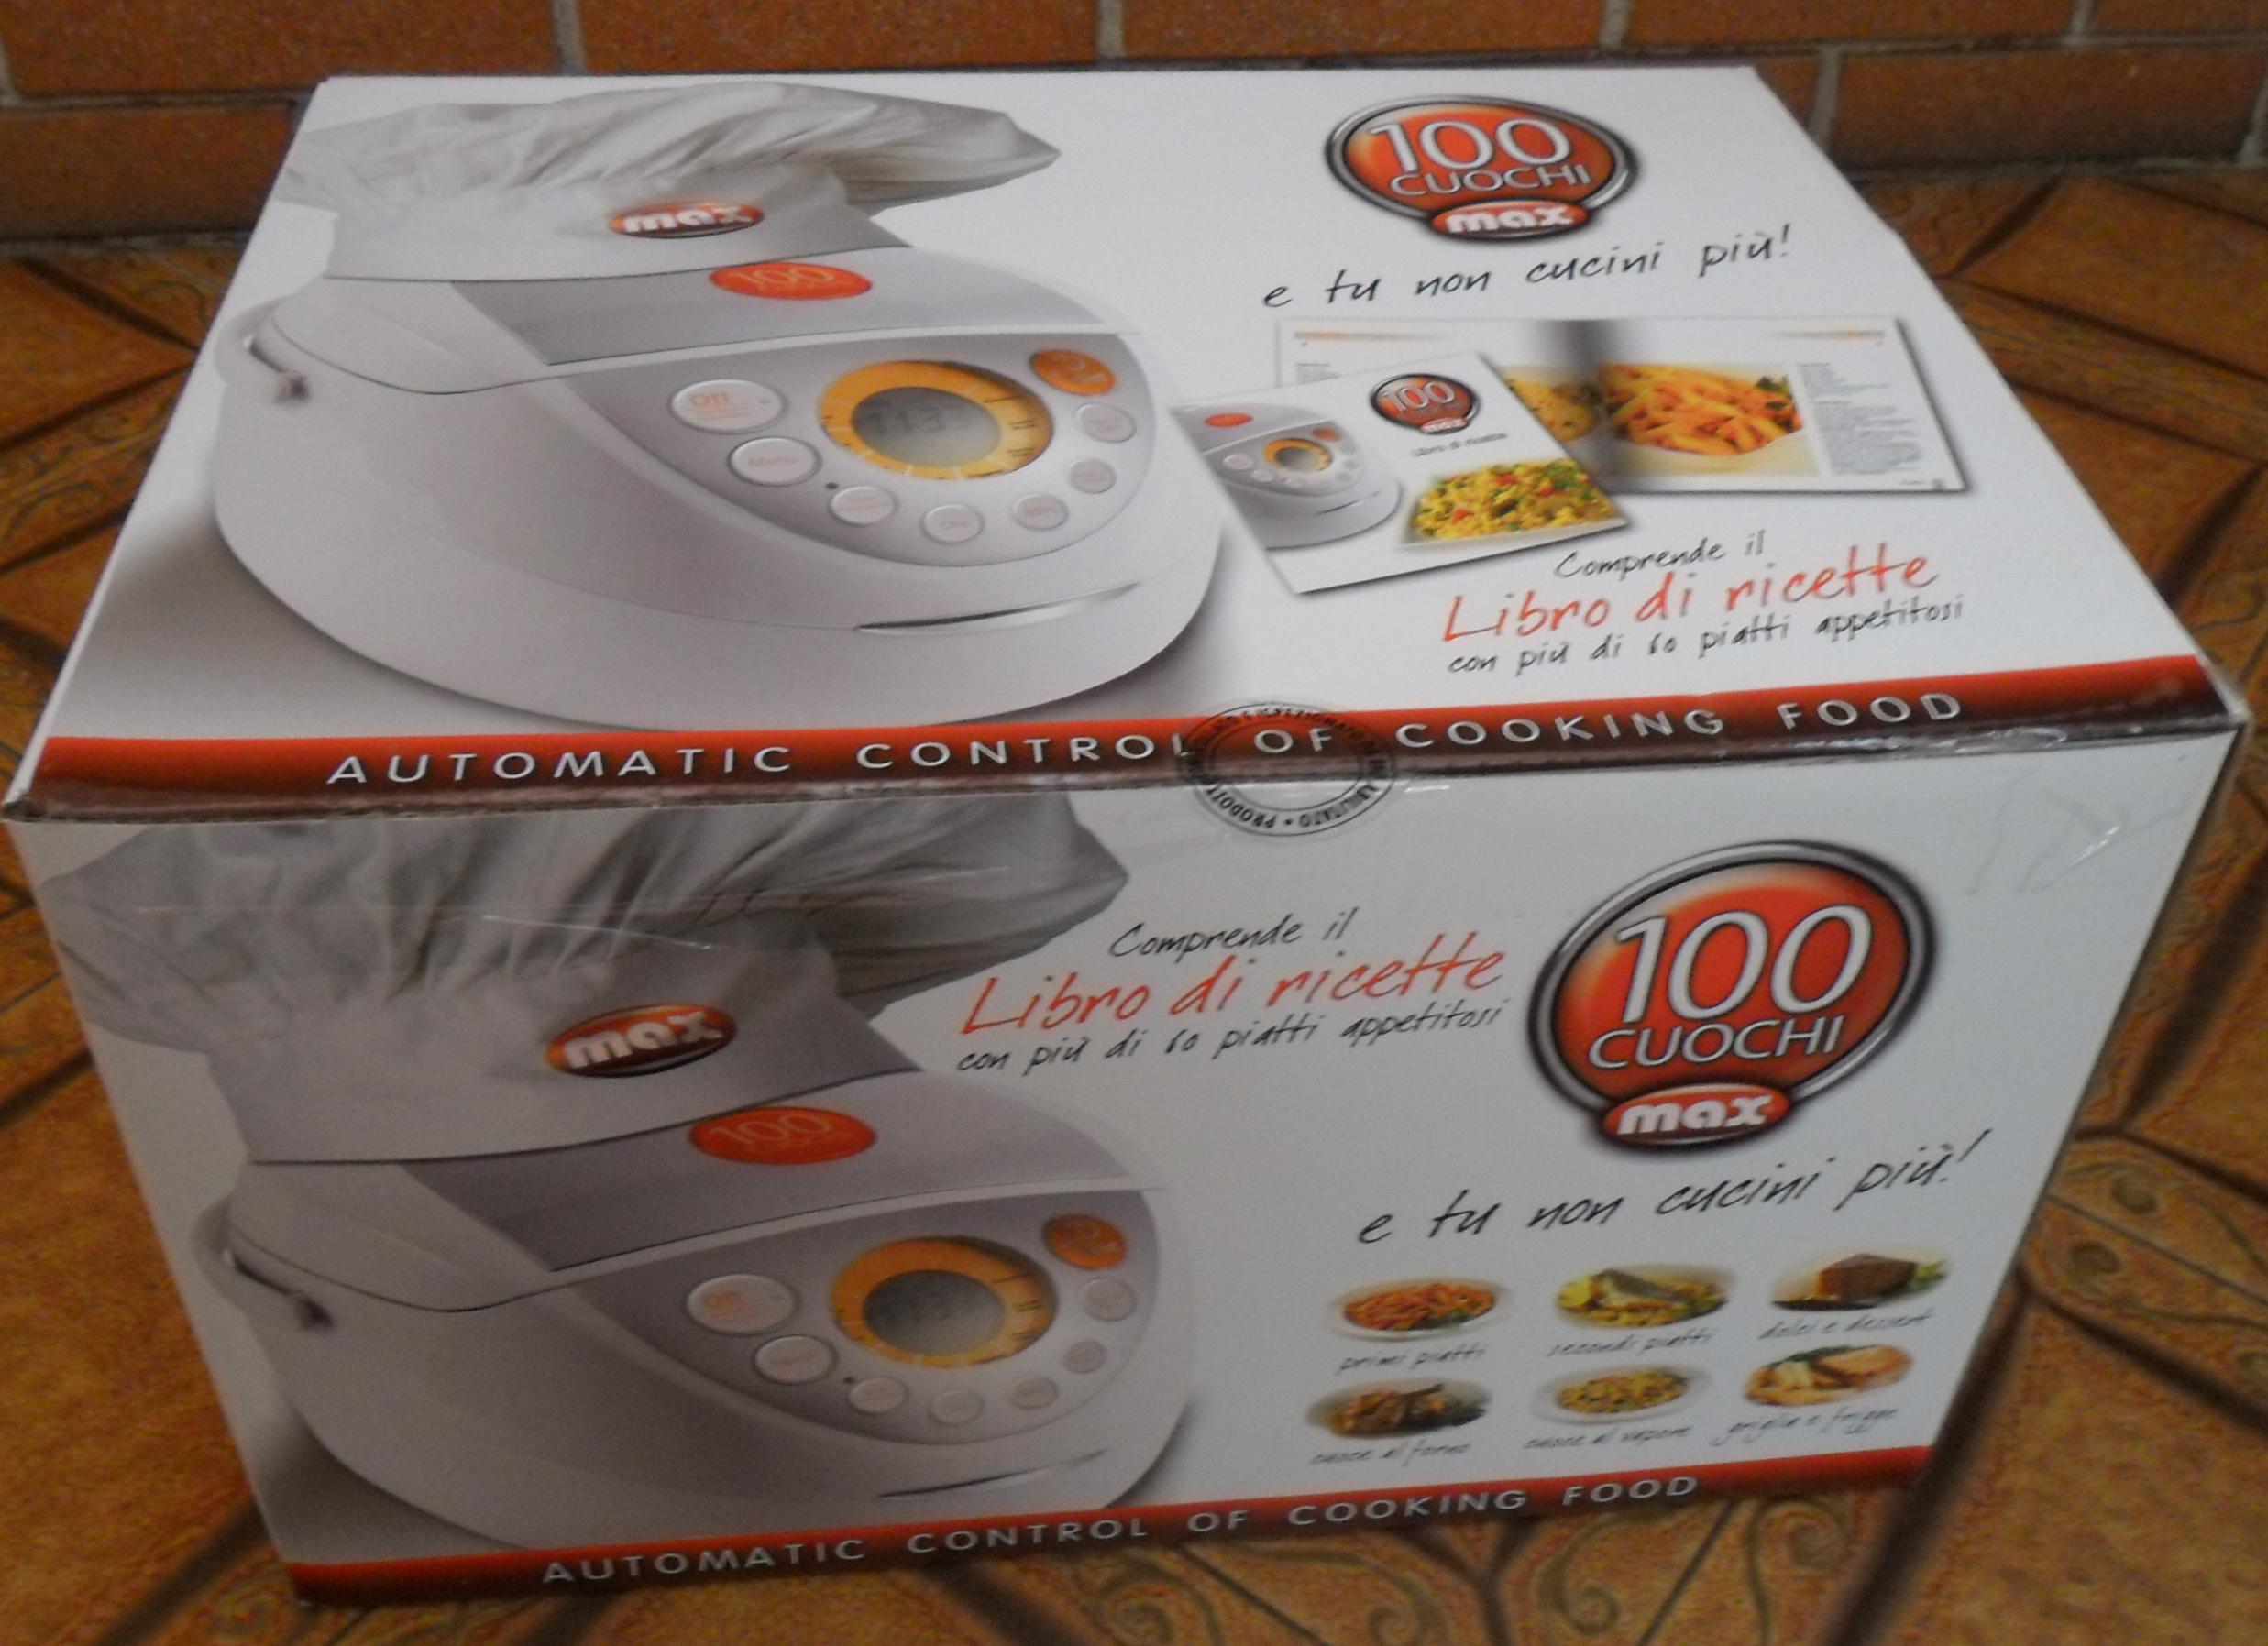 Computer Chef 100Cuochi | Daniele-Pasticcere